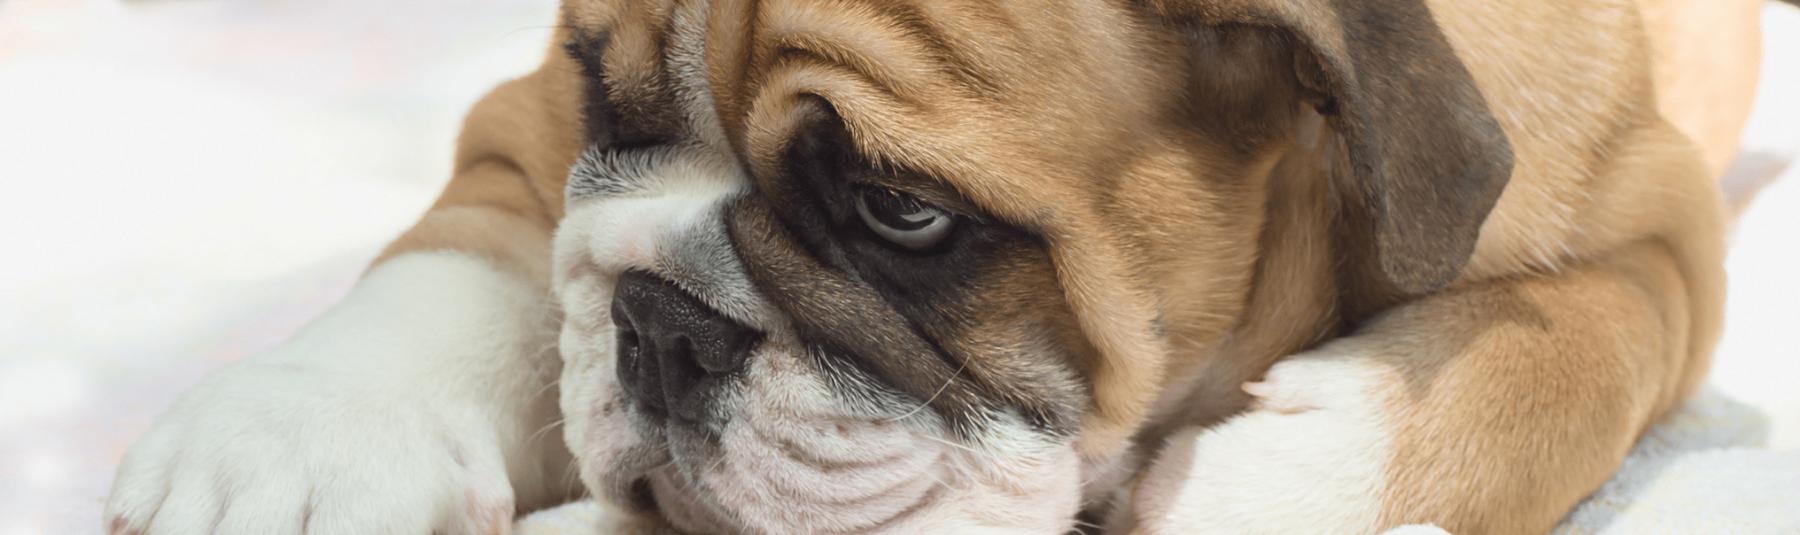 Overweight Dog Help